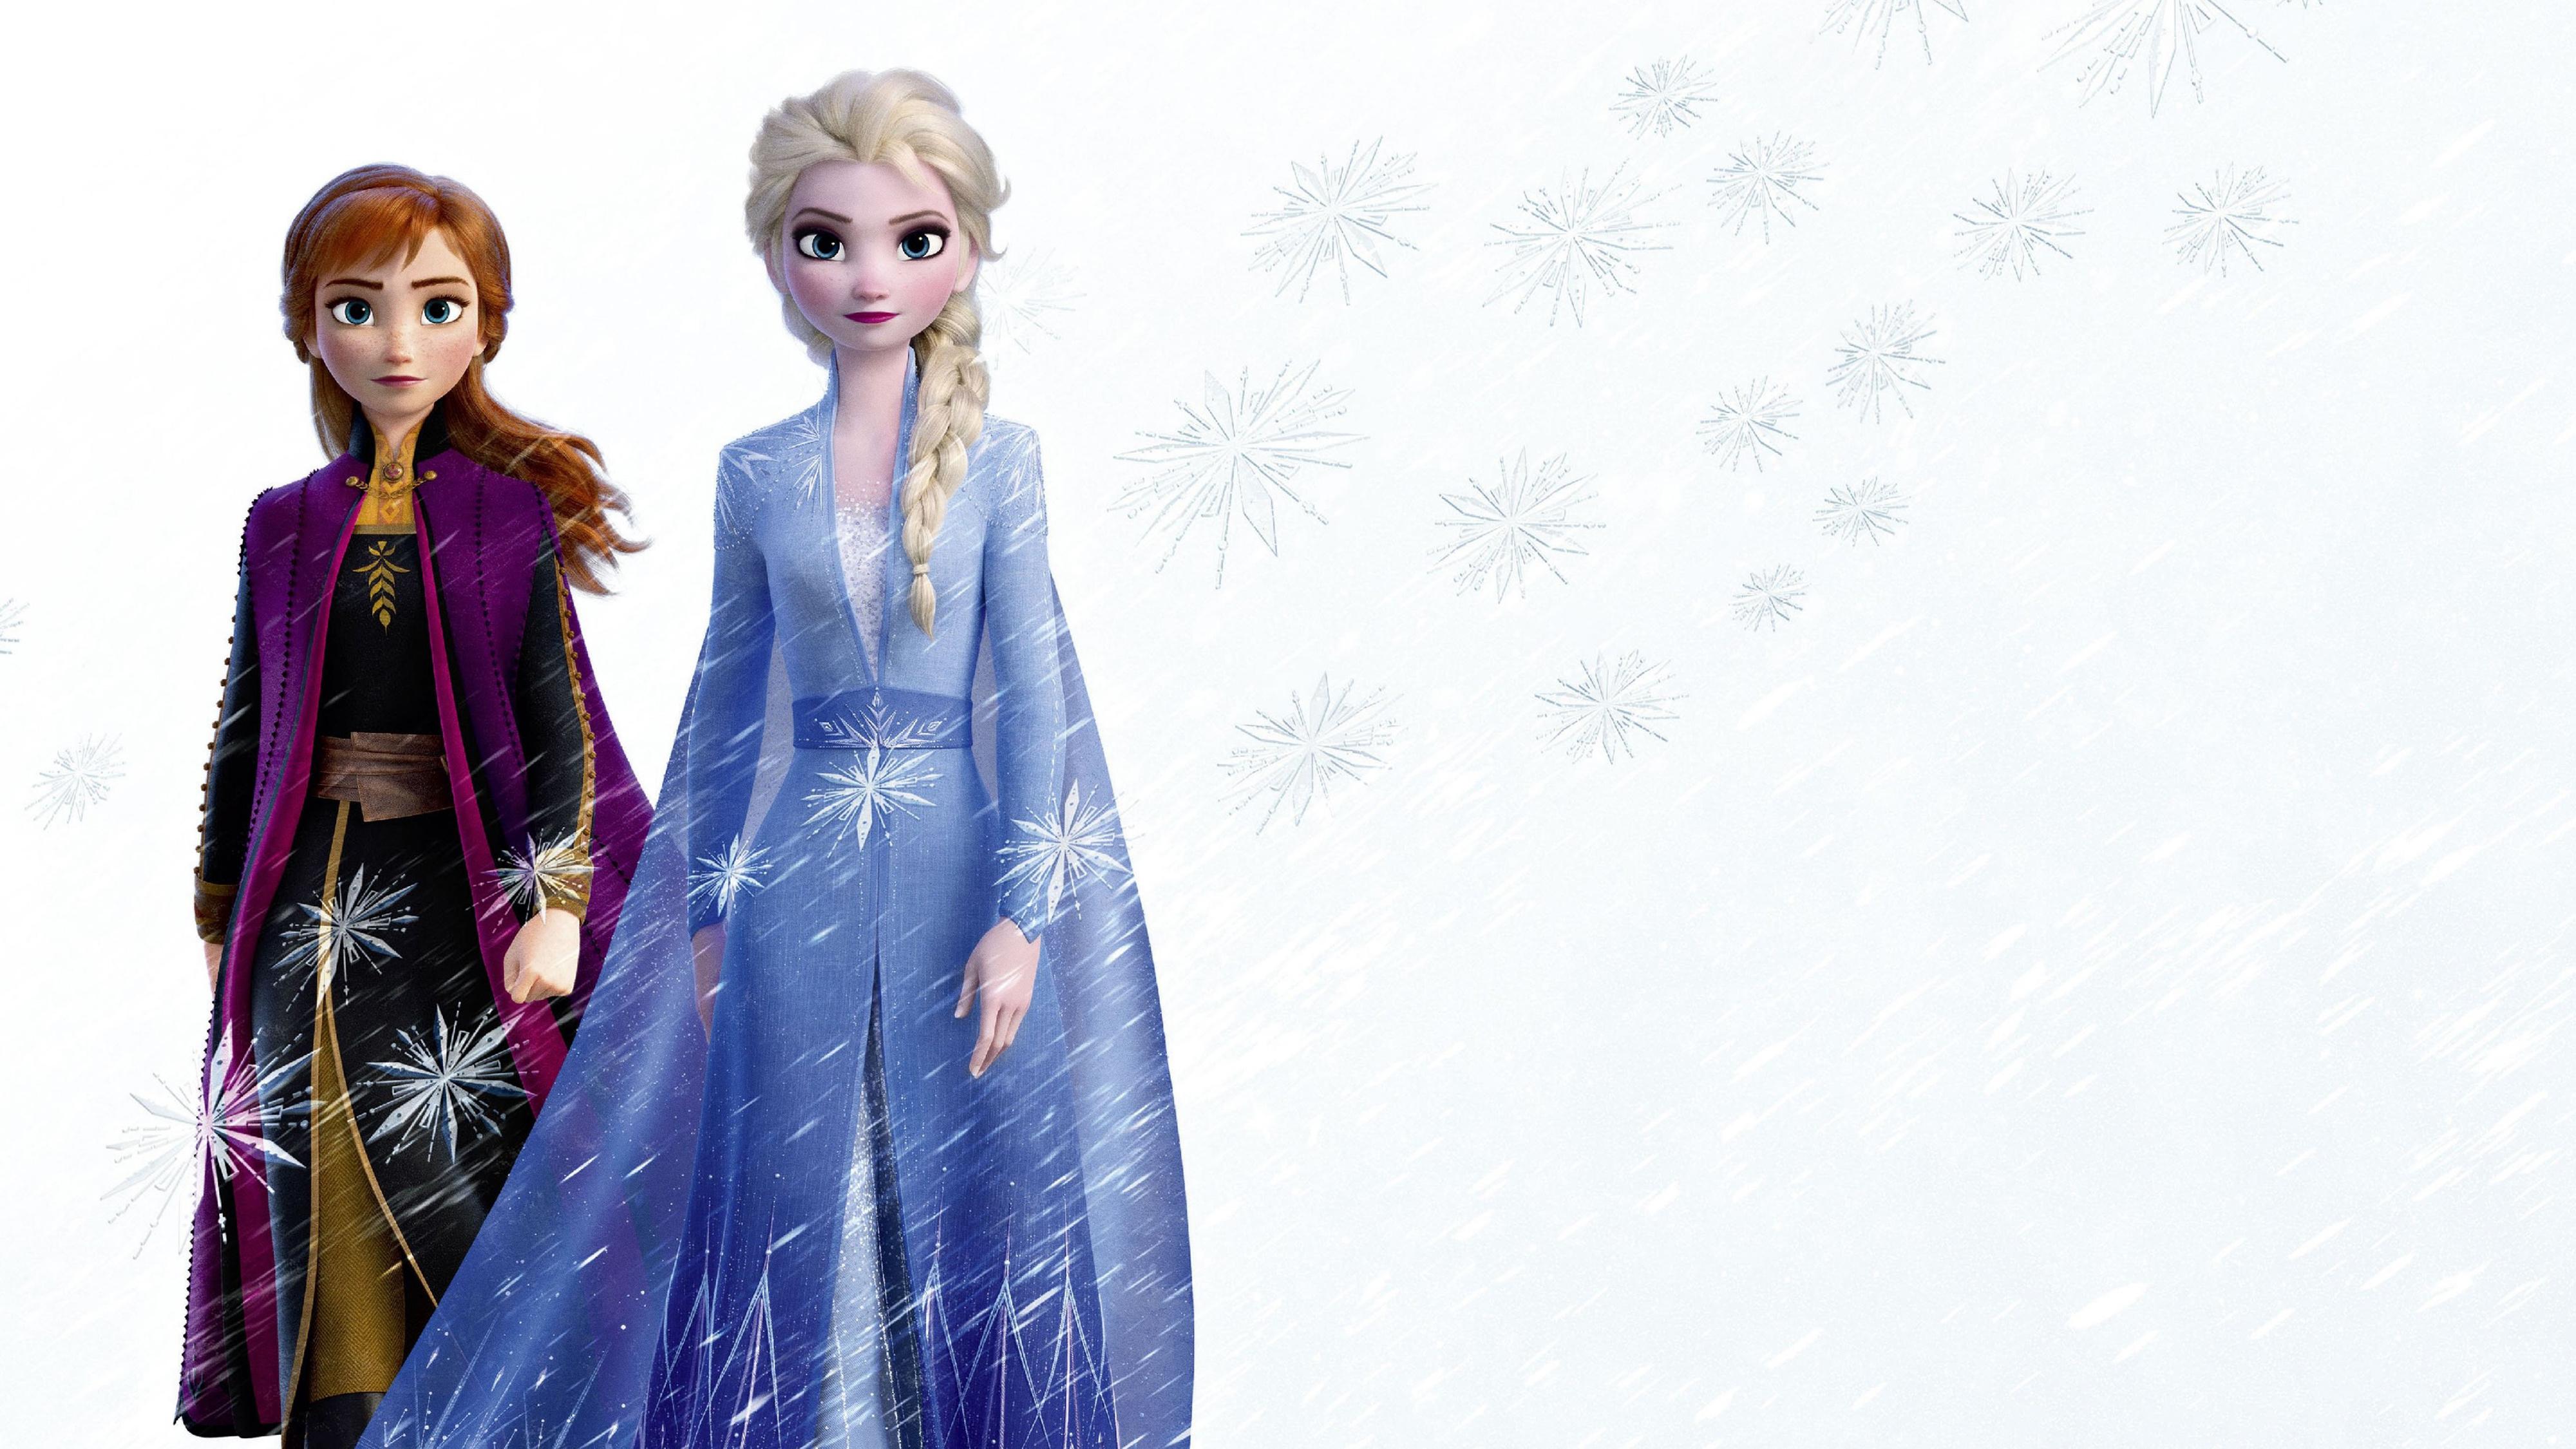 Картинка Дисней Холодное сердце косы Anna, Elsa 3д Мультики молодые женщины Disney Коса косички мультик девушка Девушки 3D Графика Мультфильмы молодая женщина